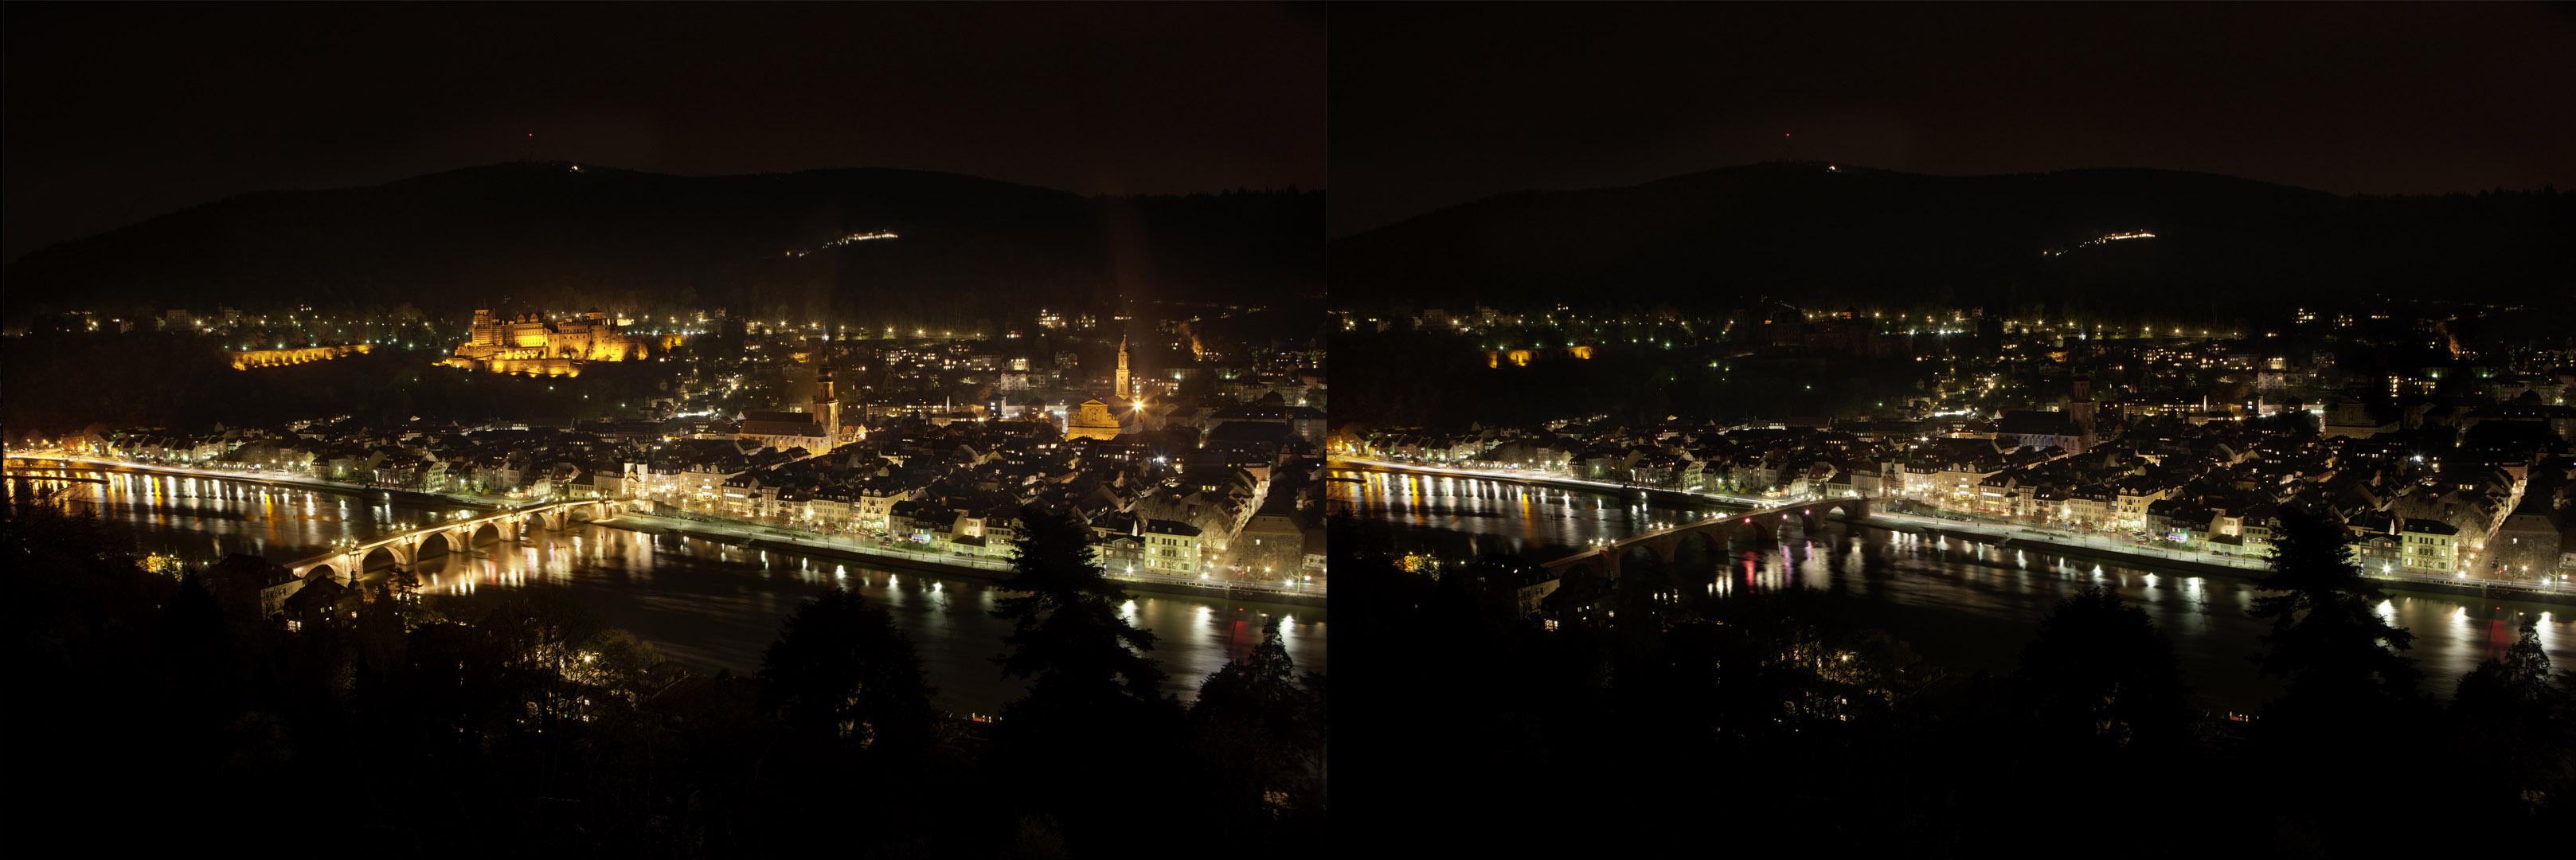 EARTH-HOUR 2011: Auch Heidelberg schaltet den Strom für eine Stunde ab. (Foto: Buck)